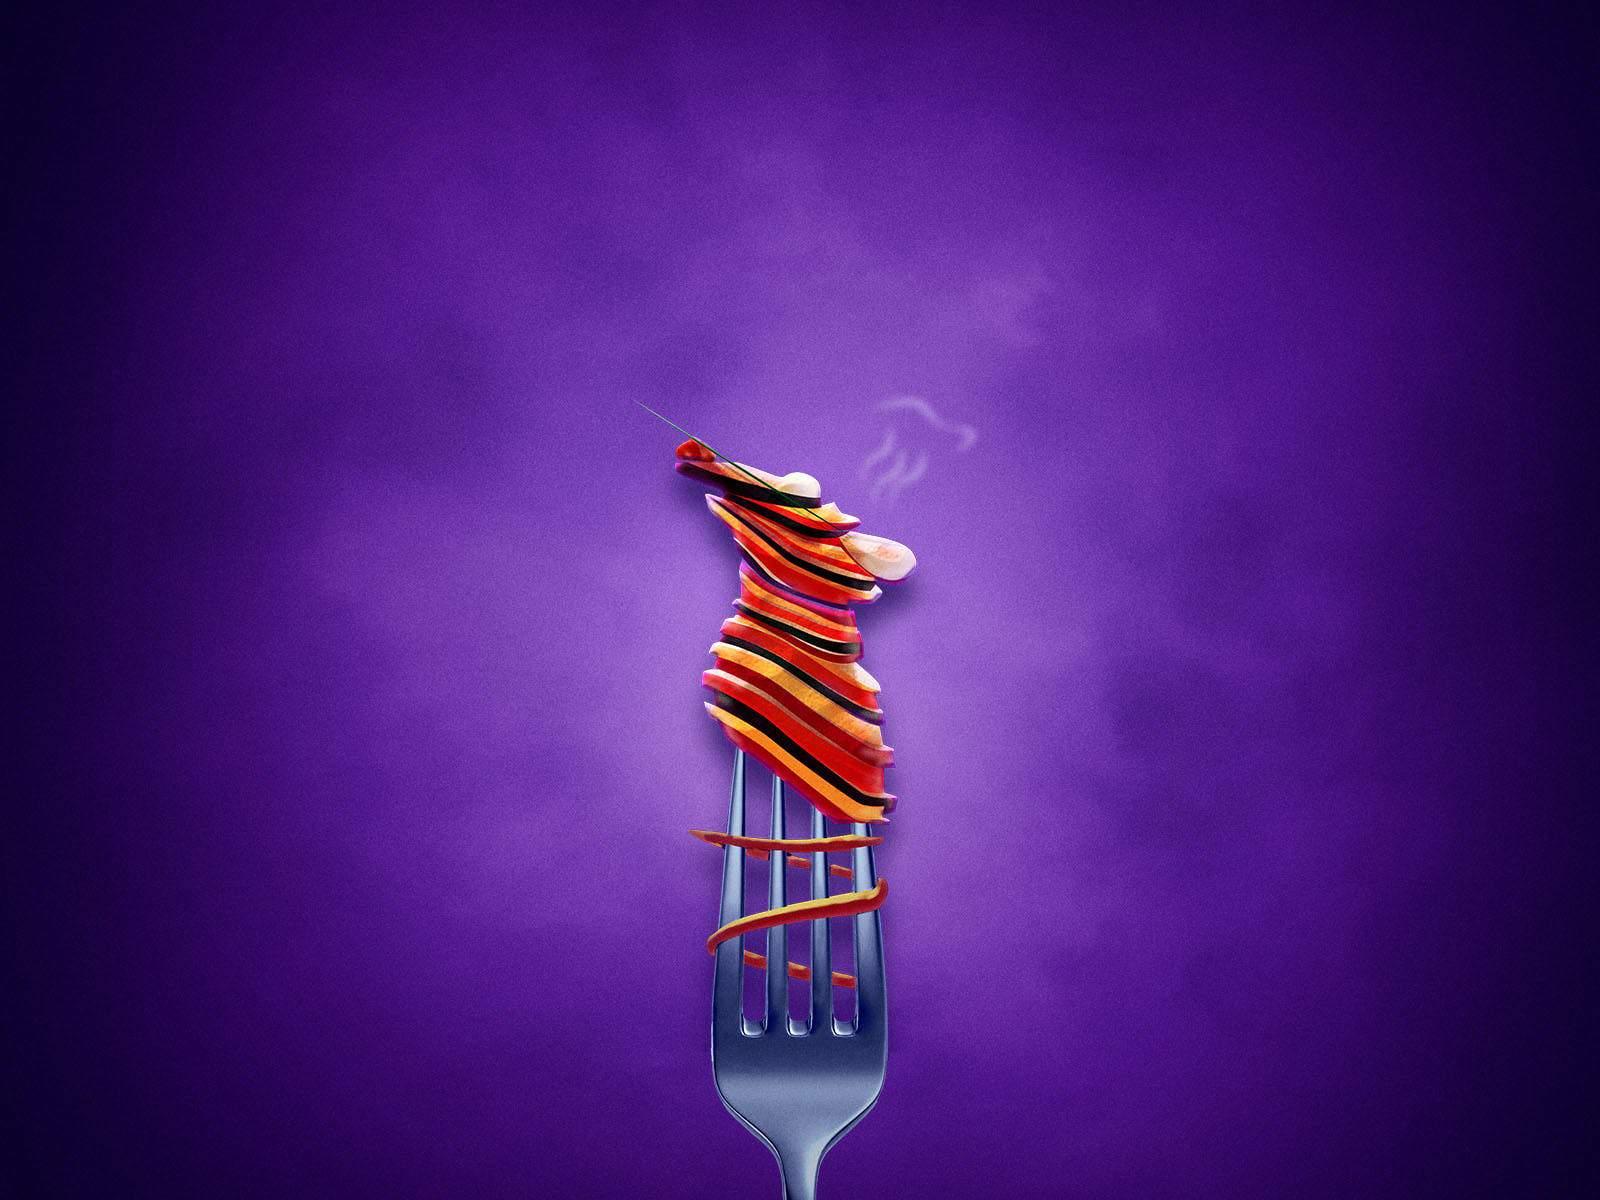 Criado no TikTok, musical de 'Ratatouille' recebe autorização da Disney